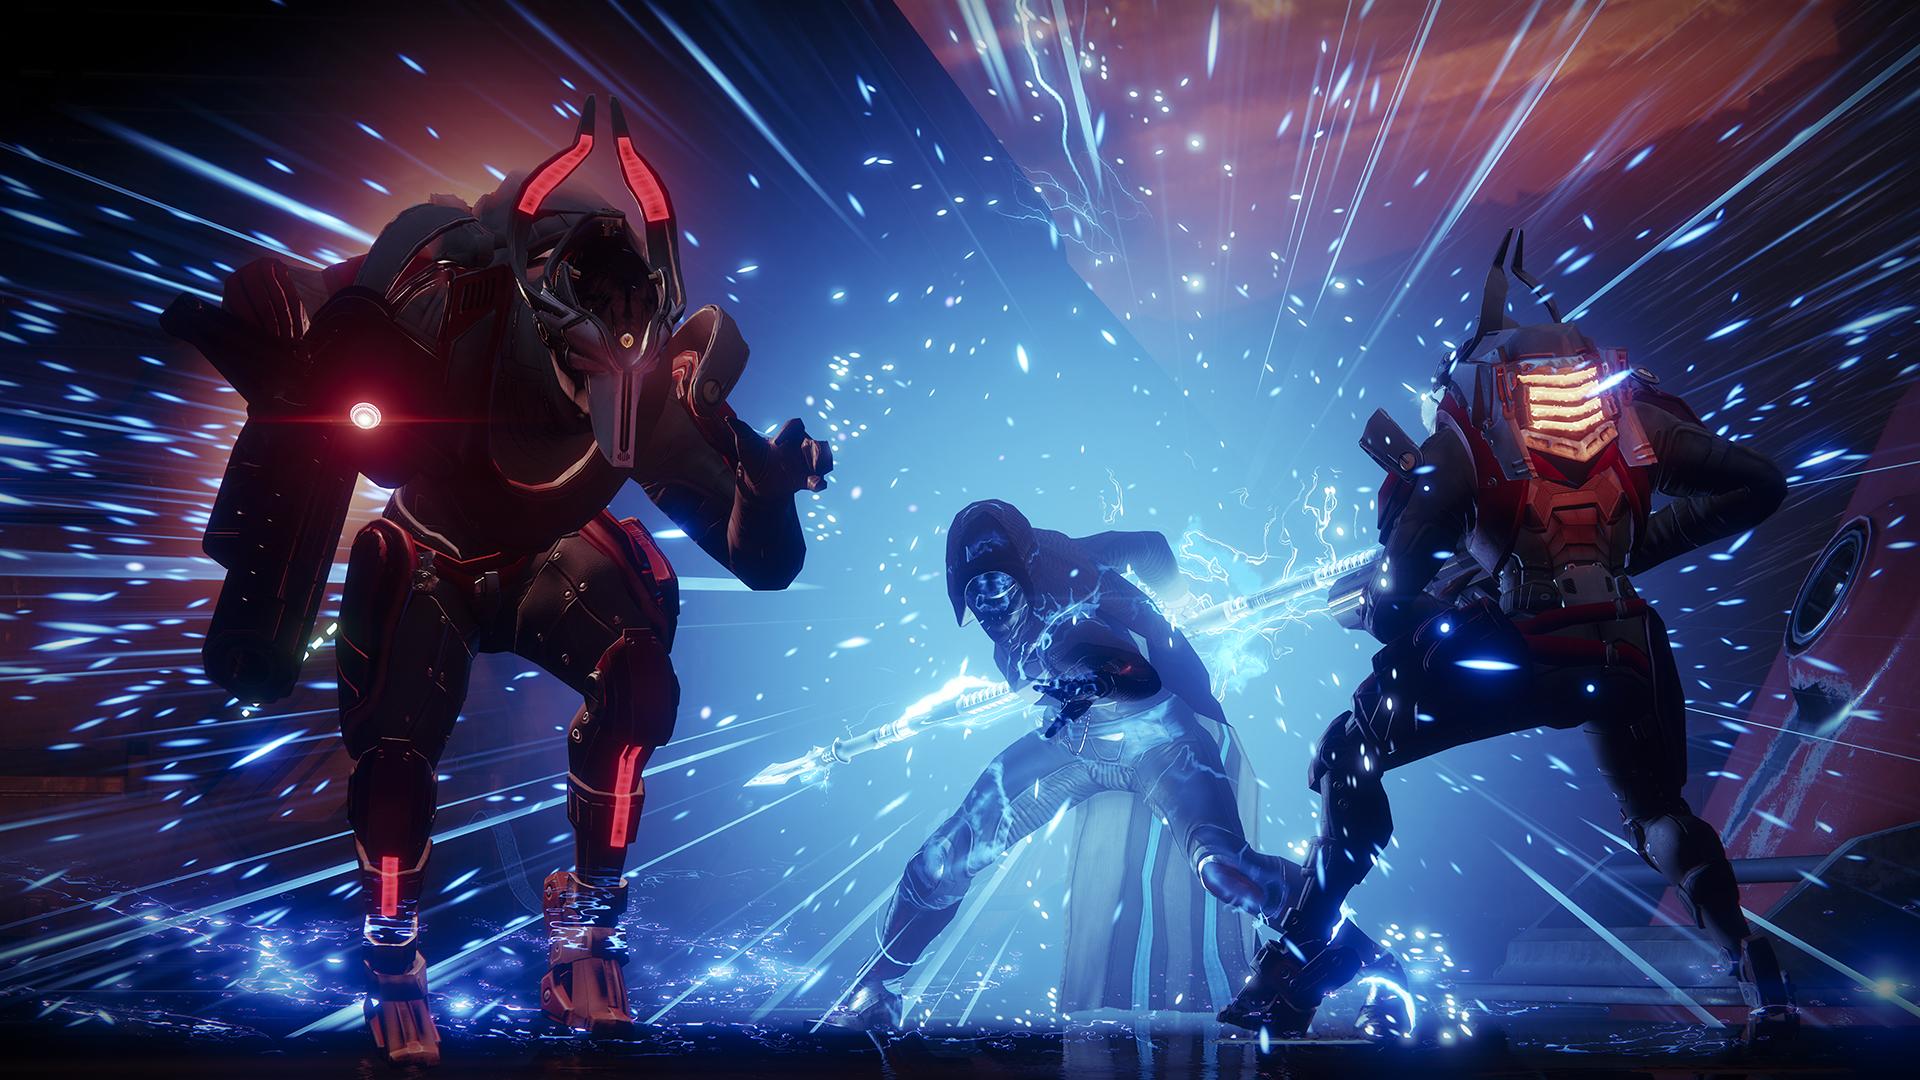 Destiny 2's Nightfall Strike details revealed - That